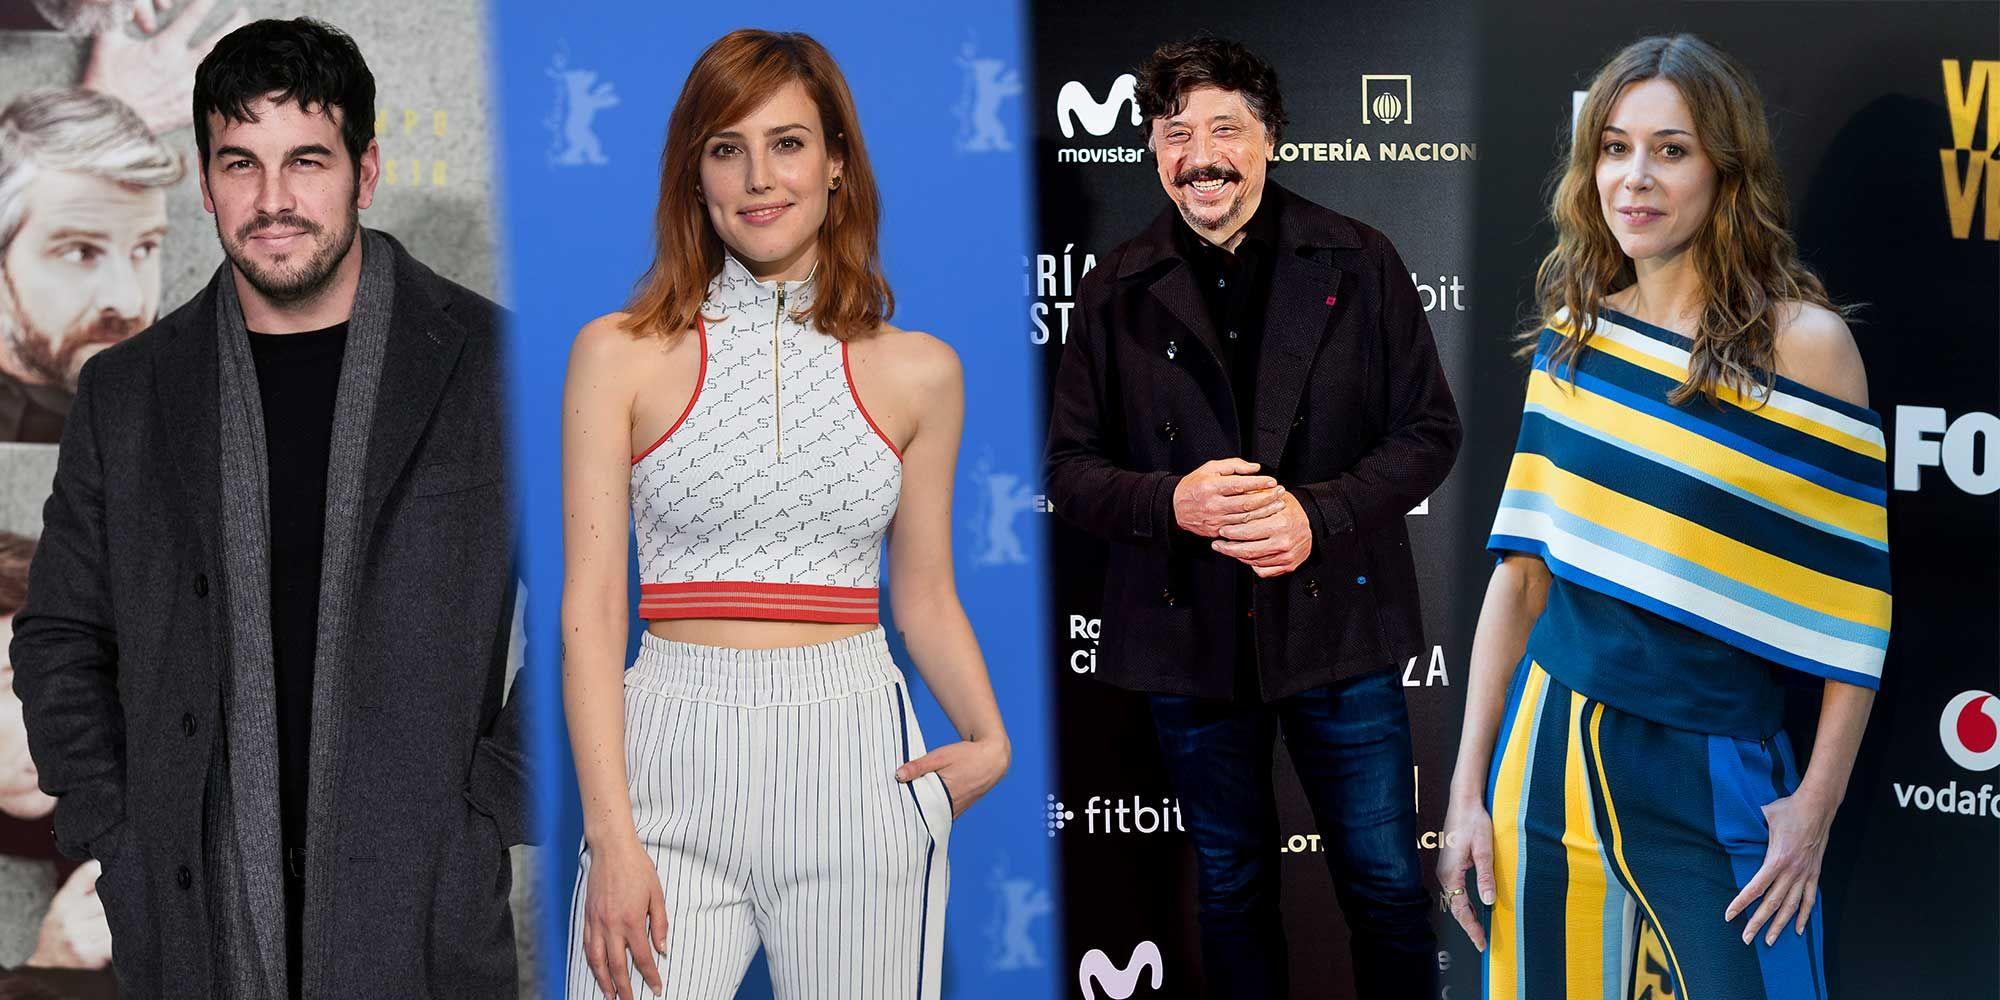 'Adiós': Mario Casas, Natalia de Molina, Carlos Bardem y Ruth Díaz, en lo nuevo de Paco Cabezas